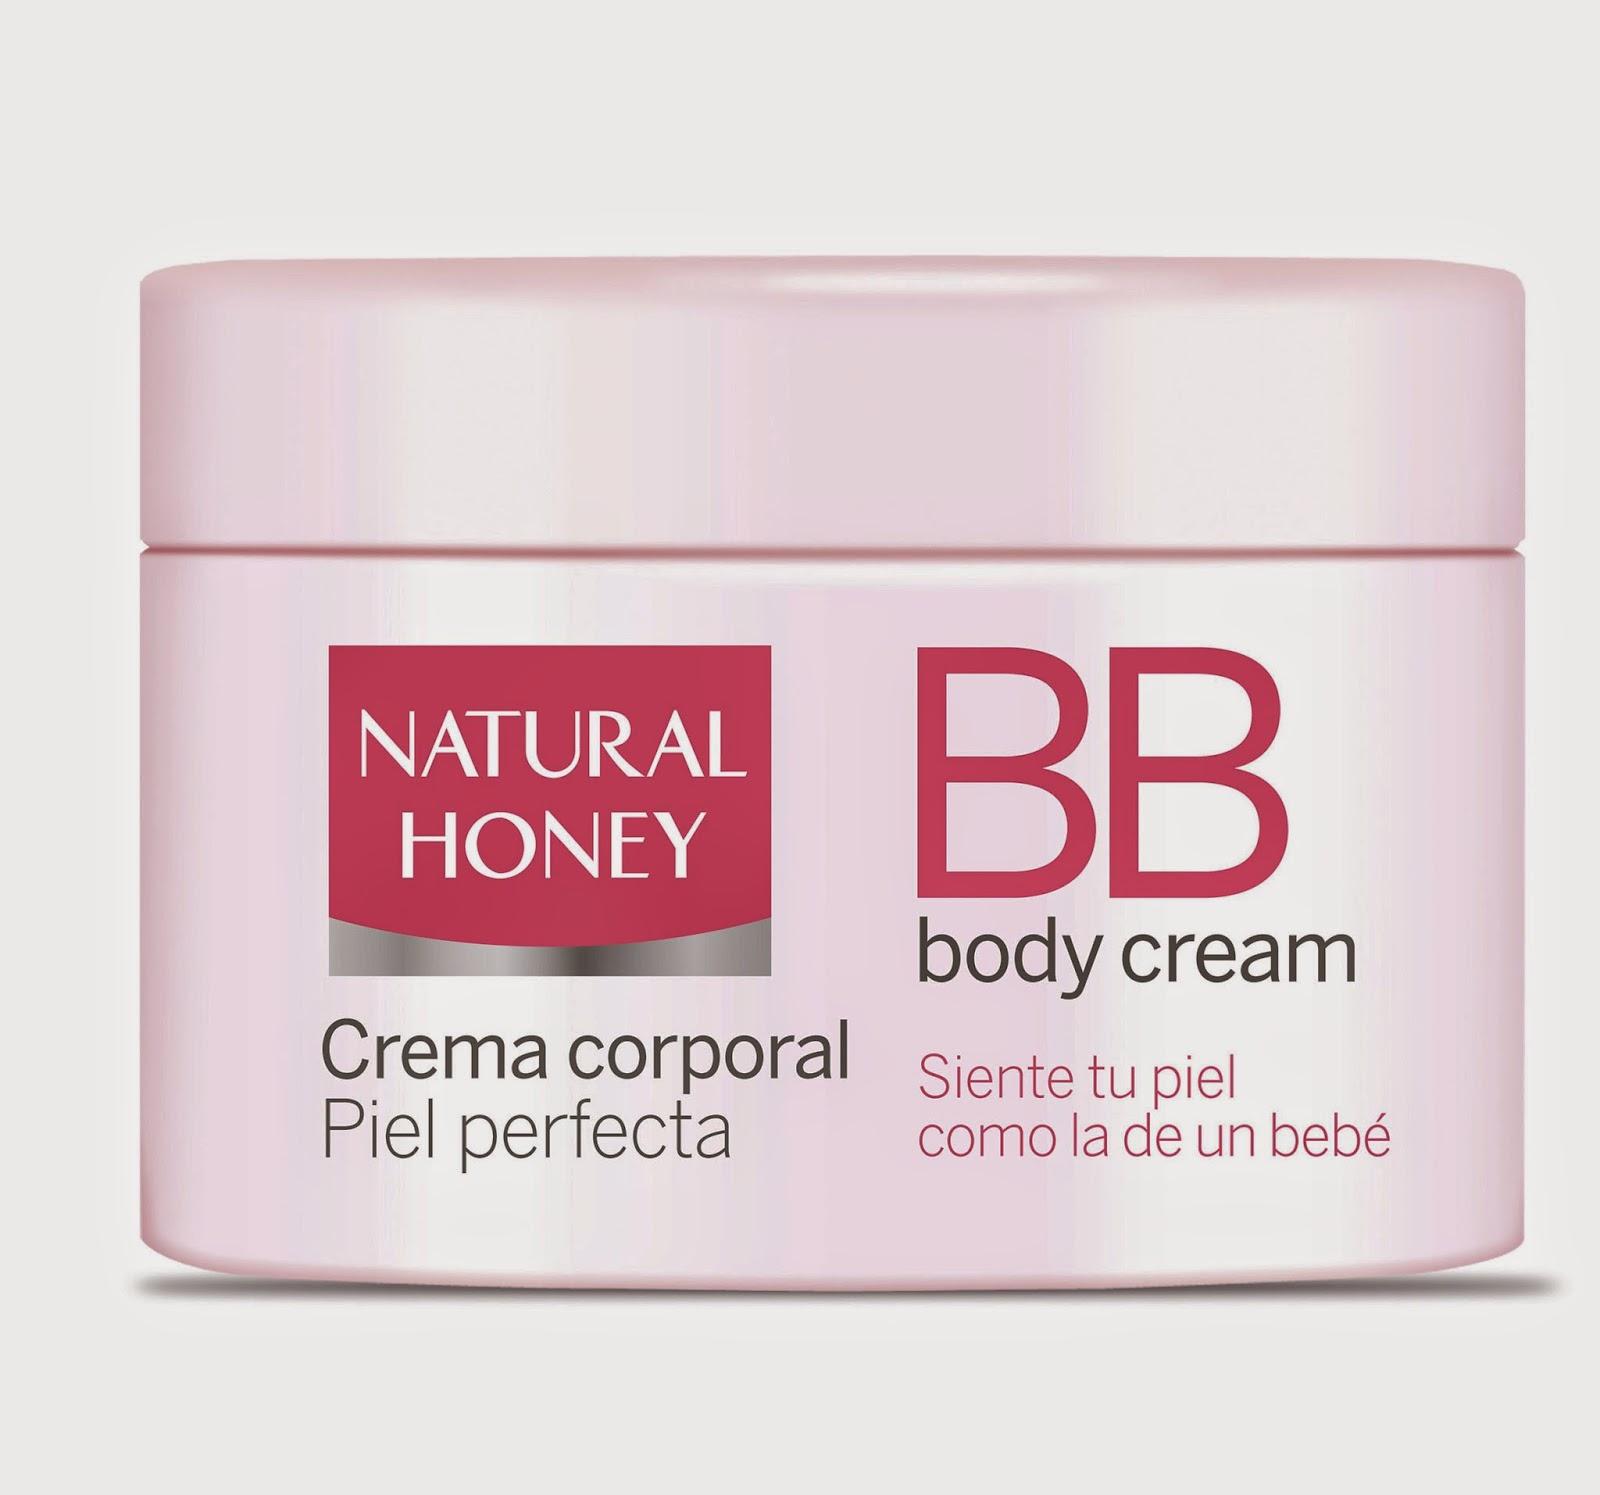 BB Body Cream Natural Honey,